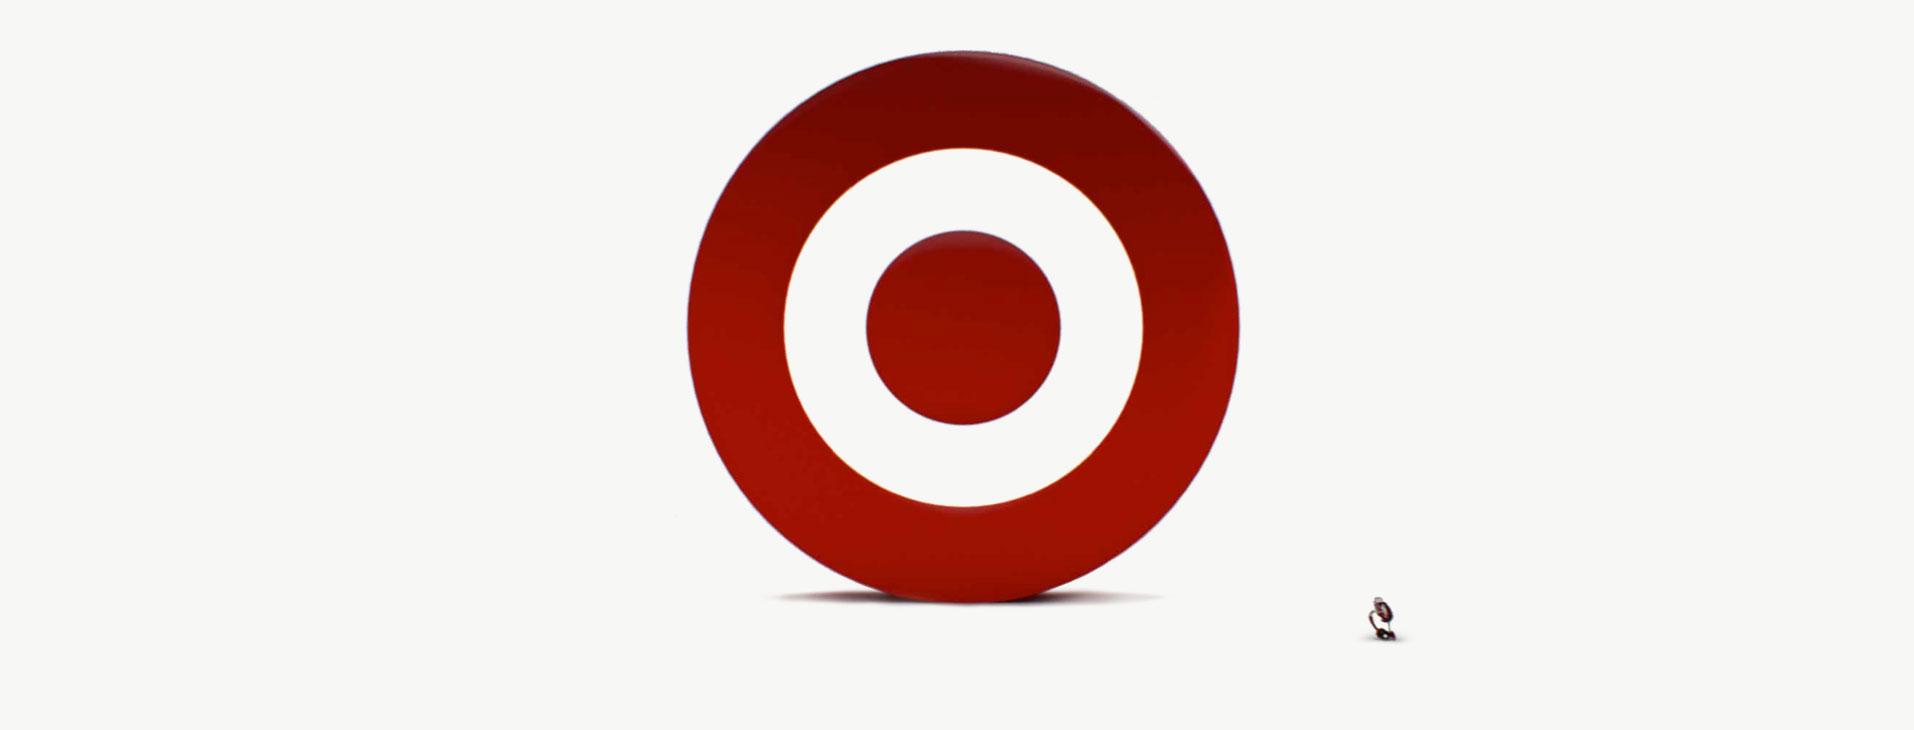 Target Wallpaper Wallpapersafari HD Wallpapers Download Free Images Wallpaper [1000image.com]